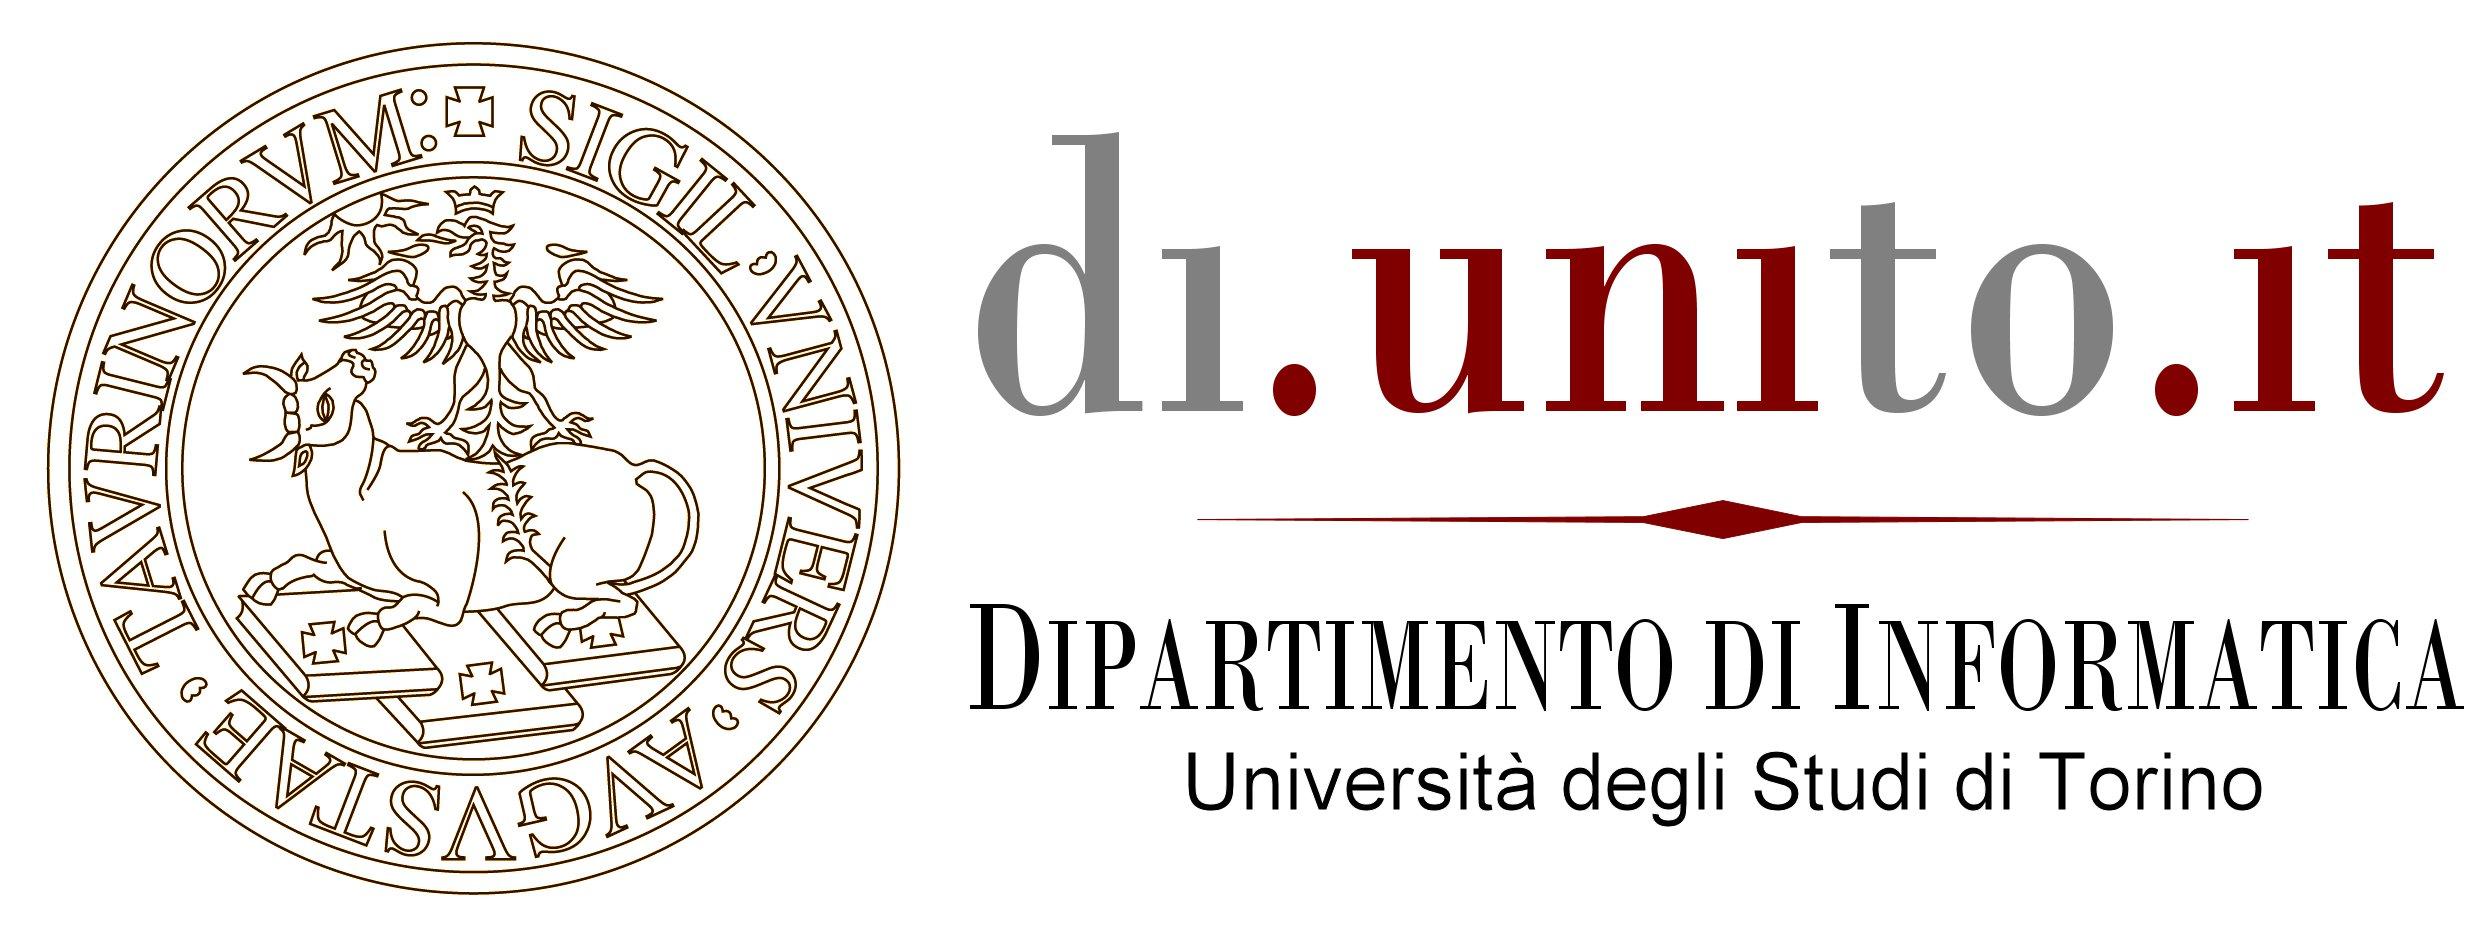 Logo Dipartimento di Informatica - UniTO